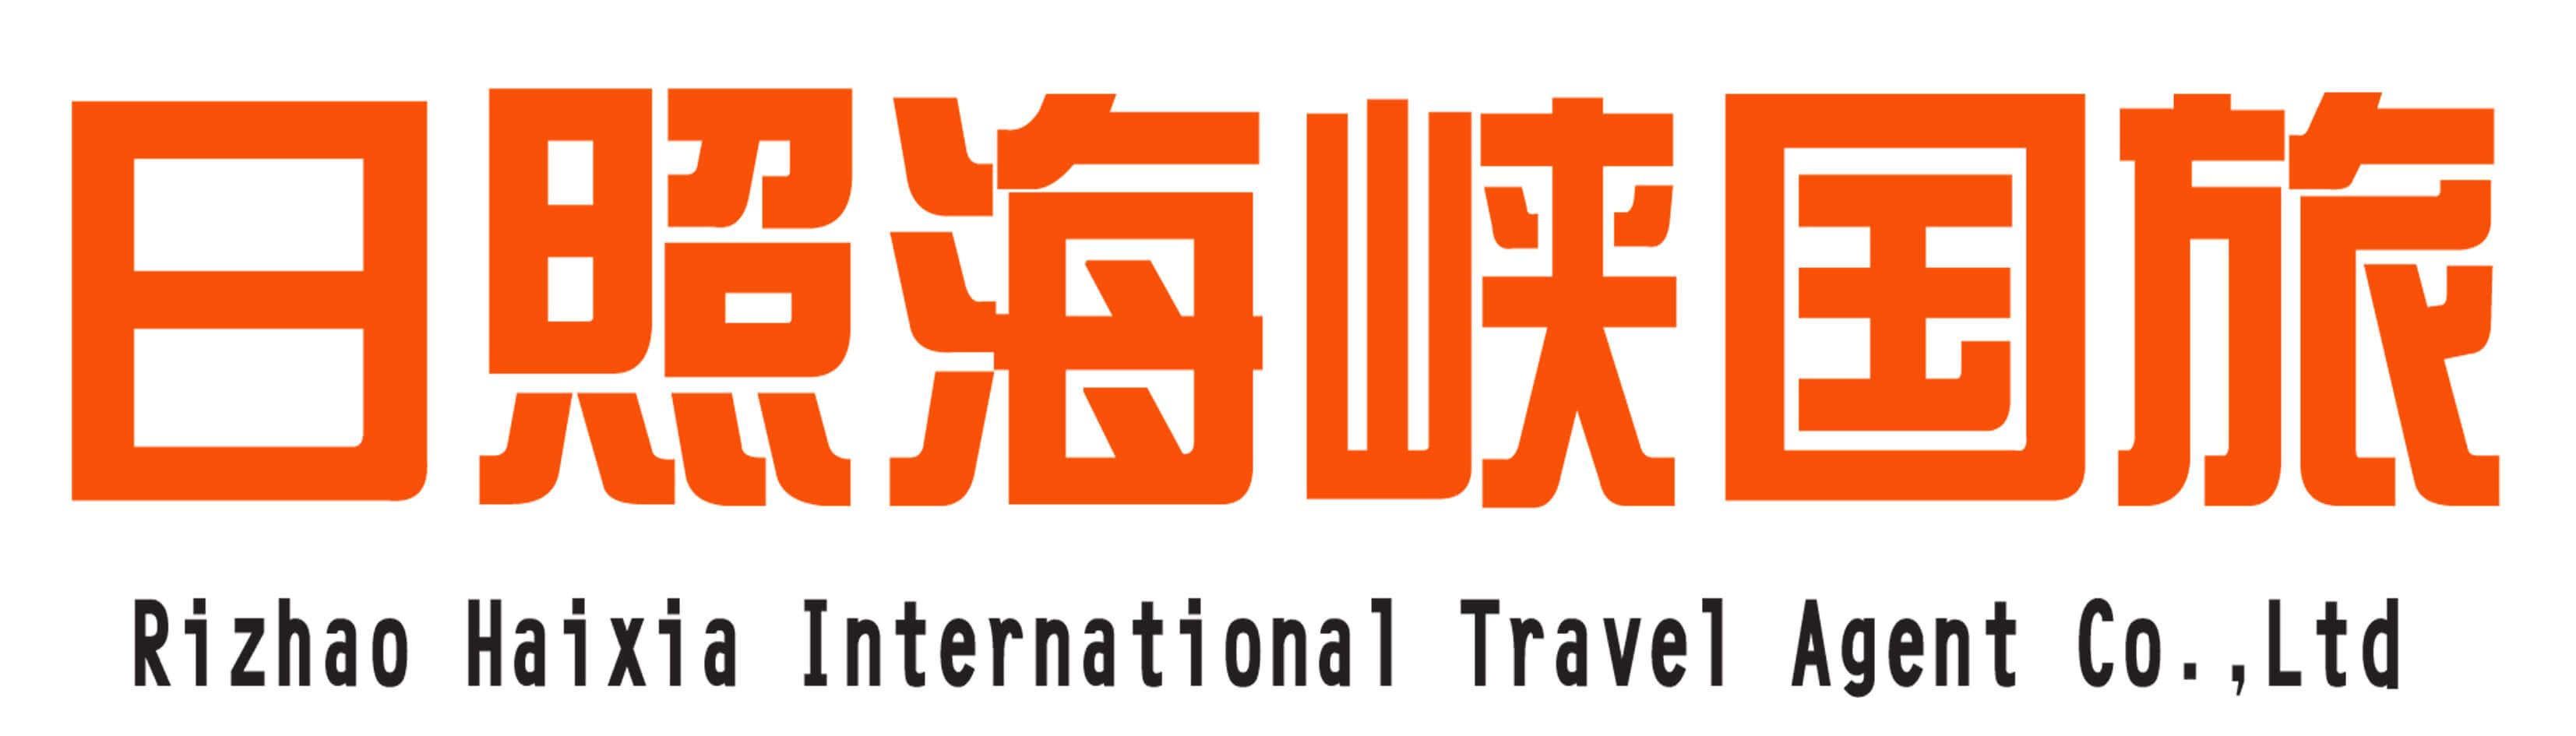 日照海峡国际旅行社有限公司